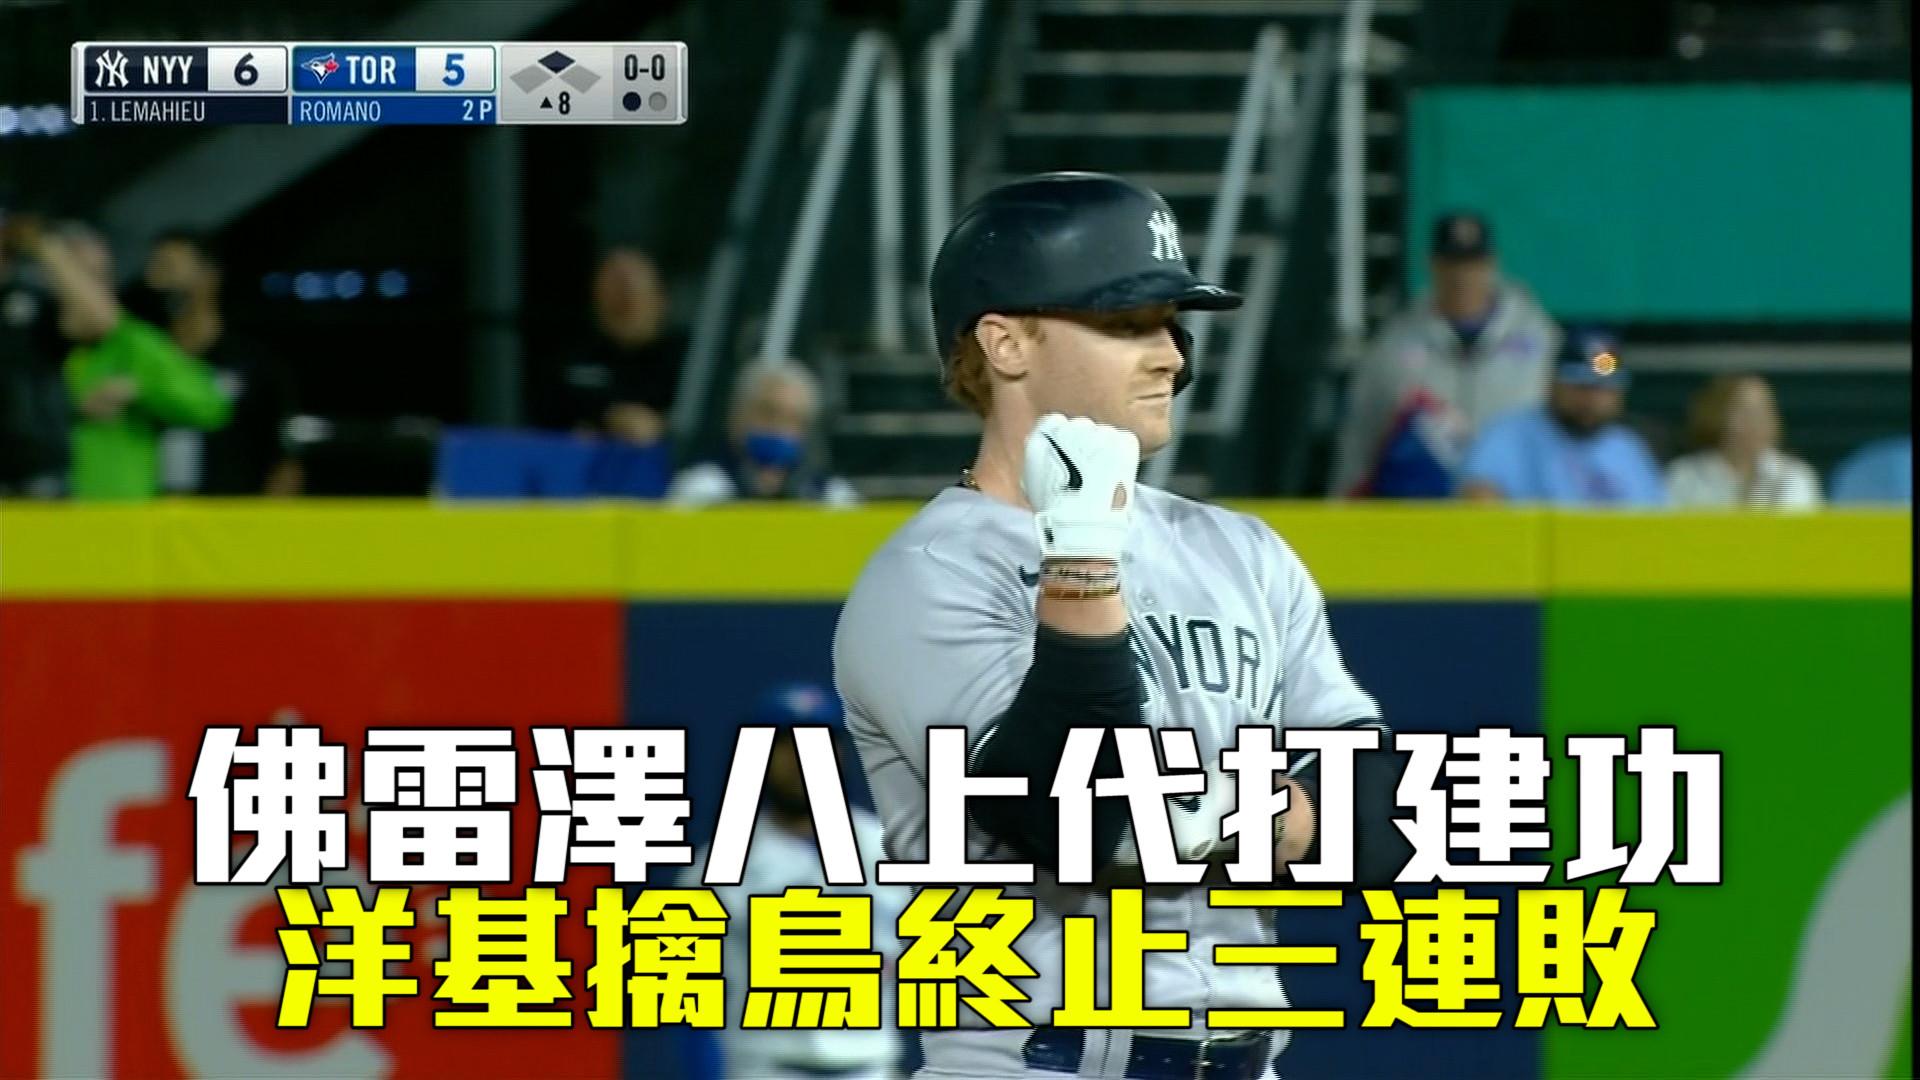 【MLB看愛爾達】洋基投打皆有發揮 後來居上險勝藍鳥 06/16